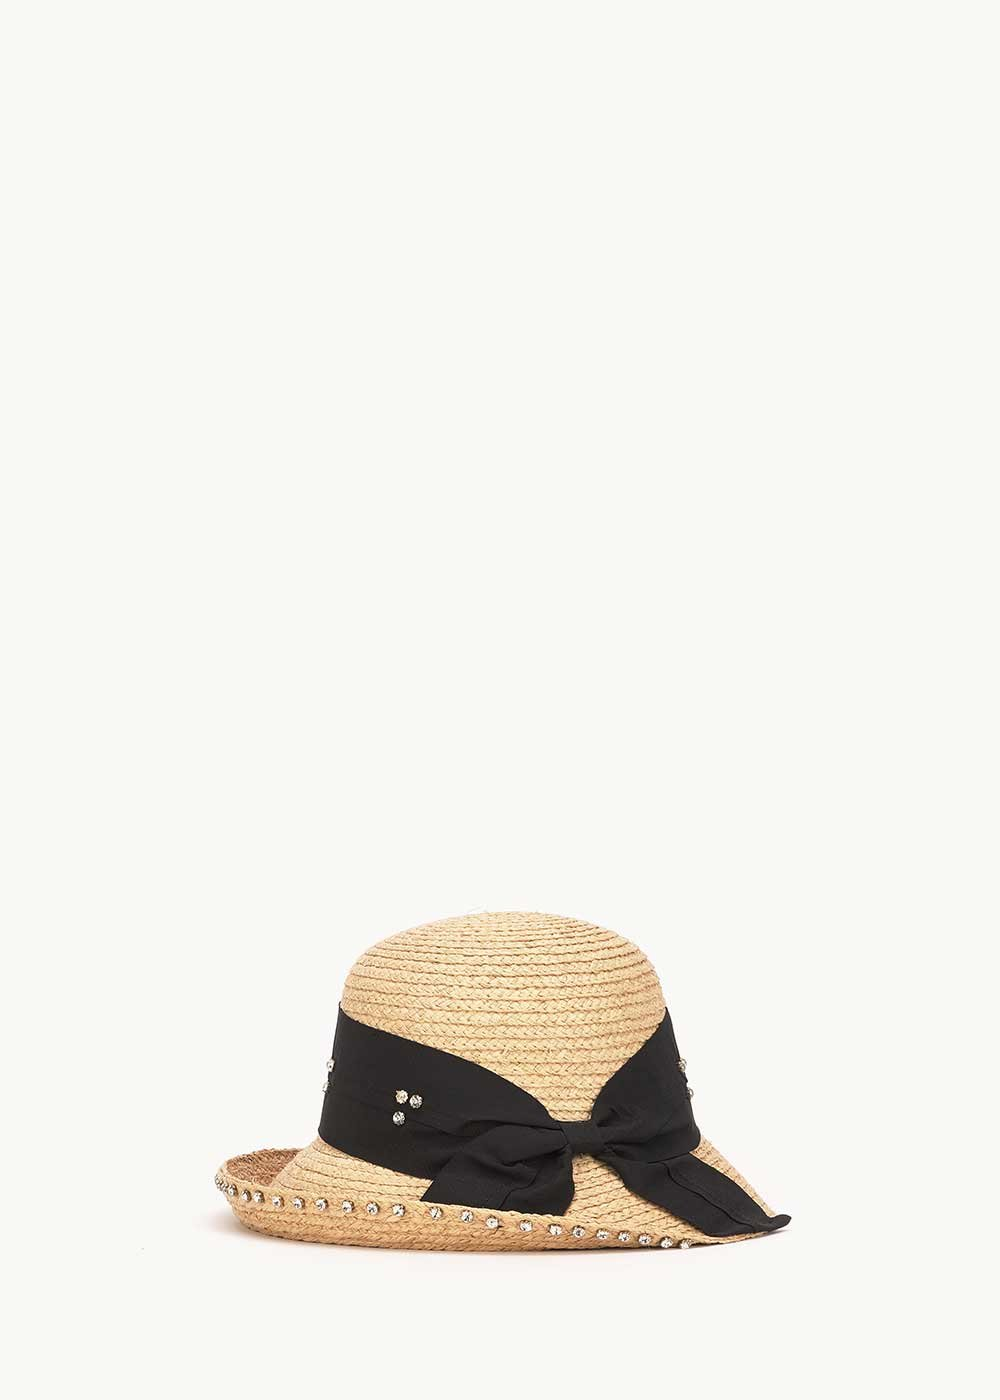 Cappello Cahil con fascia nera e strass - Light Beige - Donna